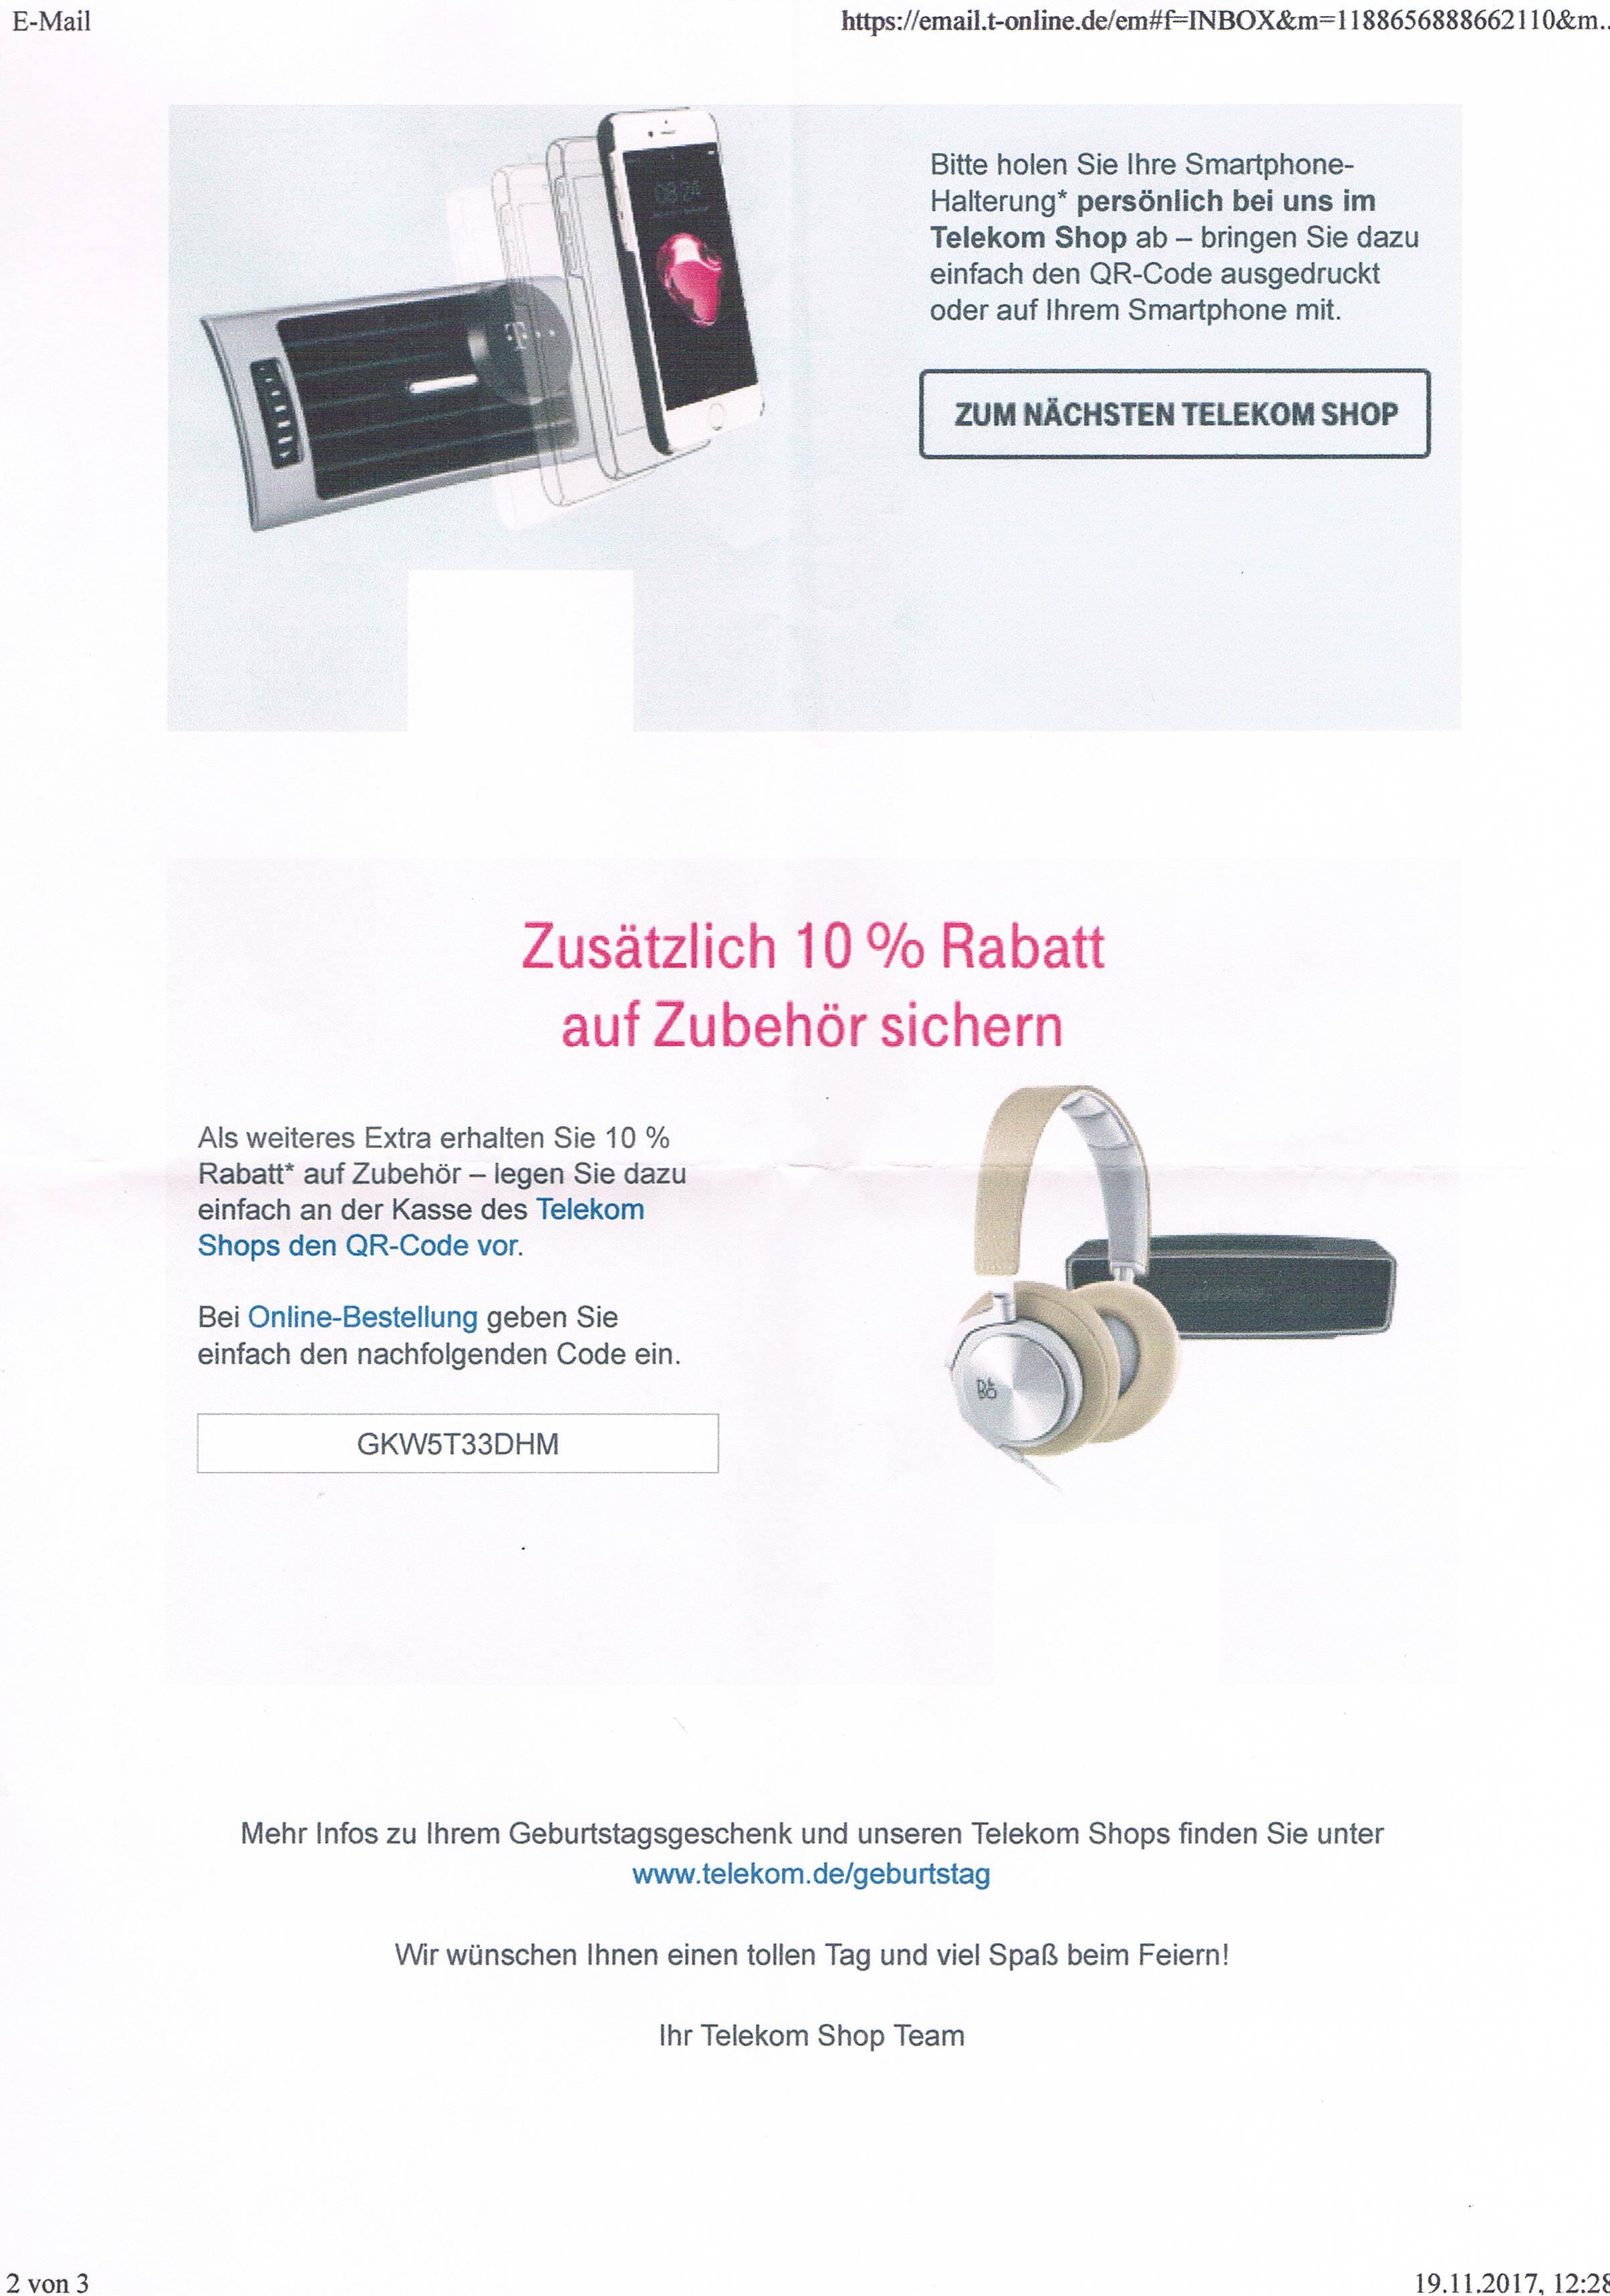 Www.Telekom.De/Geburtstagsgeschenk  Gelöst AW Geburtstagsgeschenk Persönlicher Geschenk code